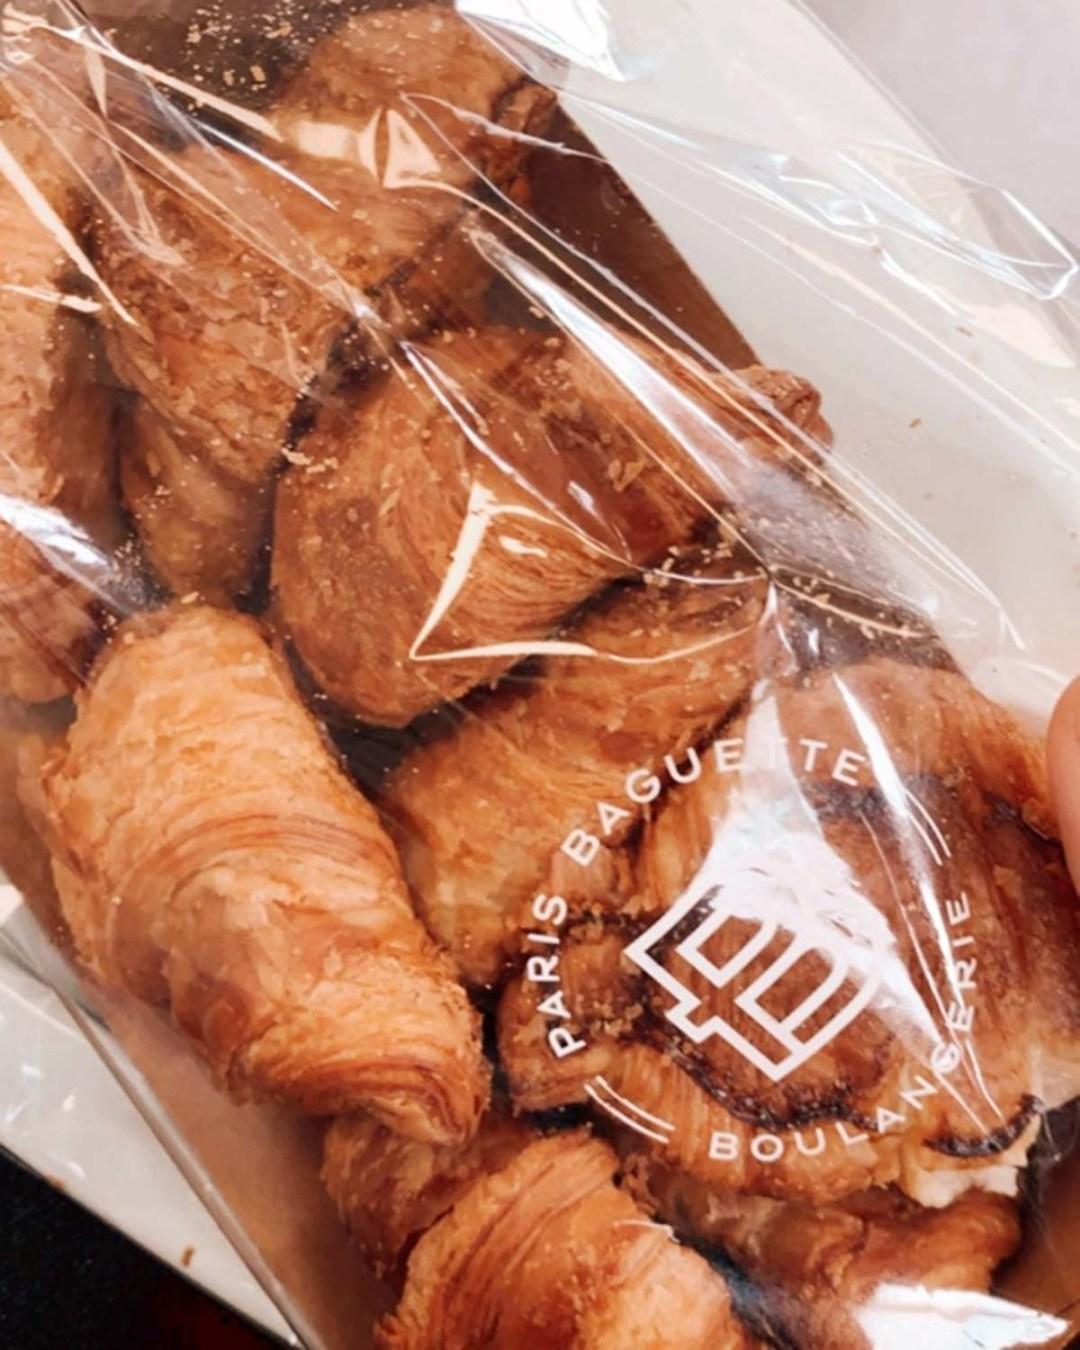 Paris Baguette 5-for-5 - mini croissants